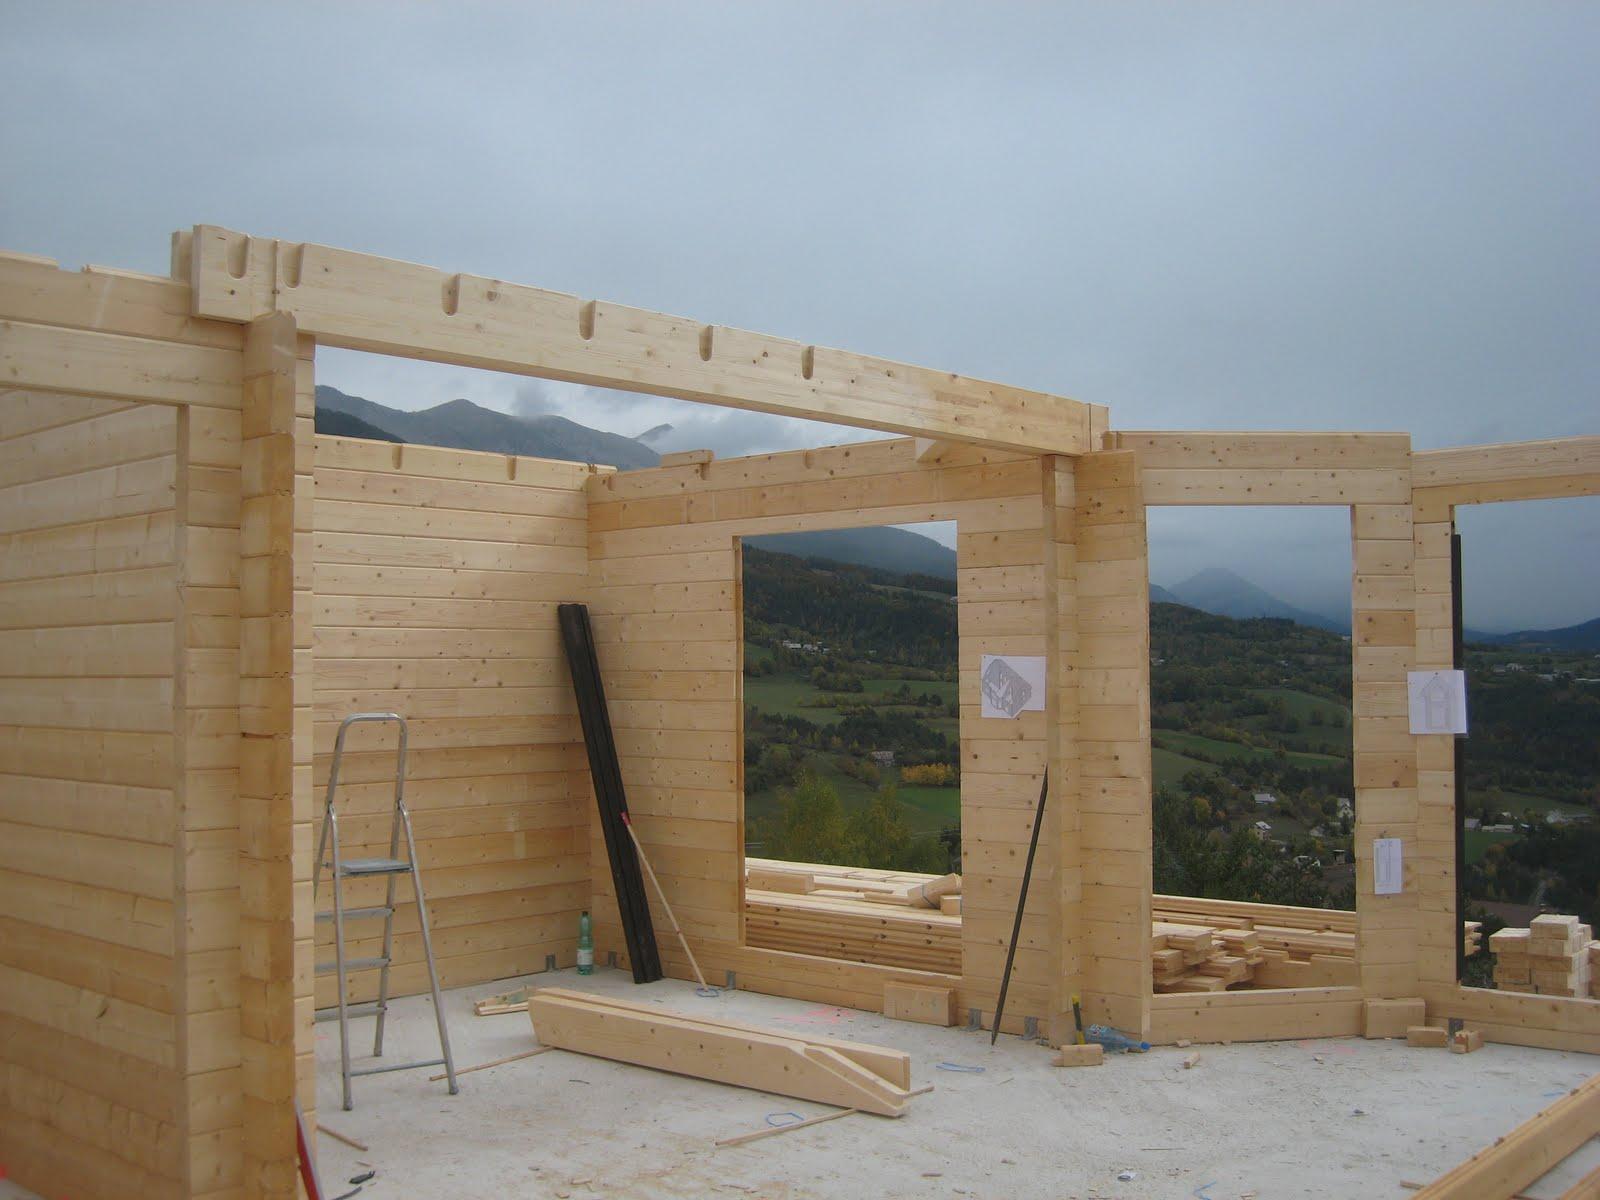 Construire sa maison et on arrive au deuxi me tage de la maison en bois for Construction en bois 6 etages